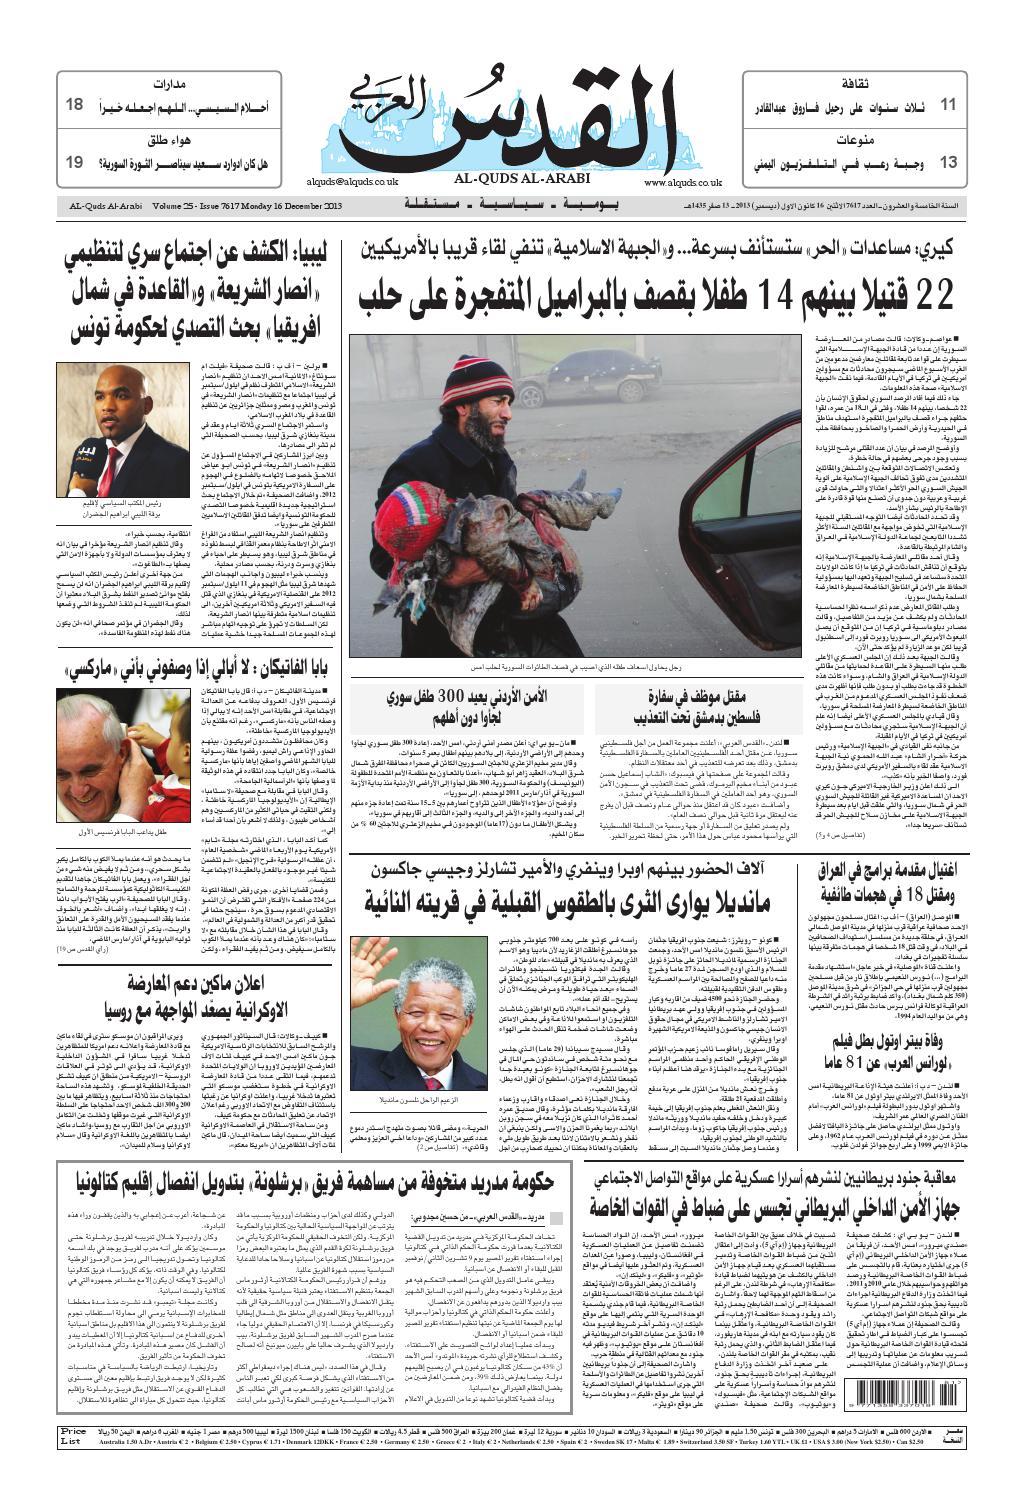 7fb2c677e صحيفة القدس العربي , الإثنين 16.12.2013 by مركز الحدث - issuu